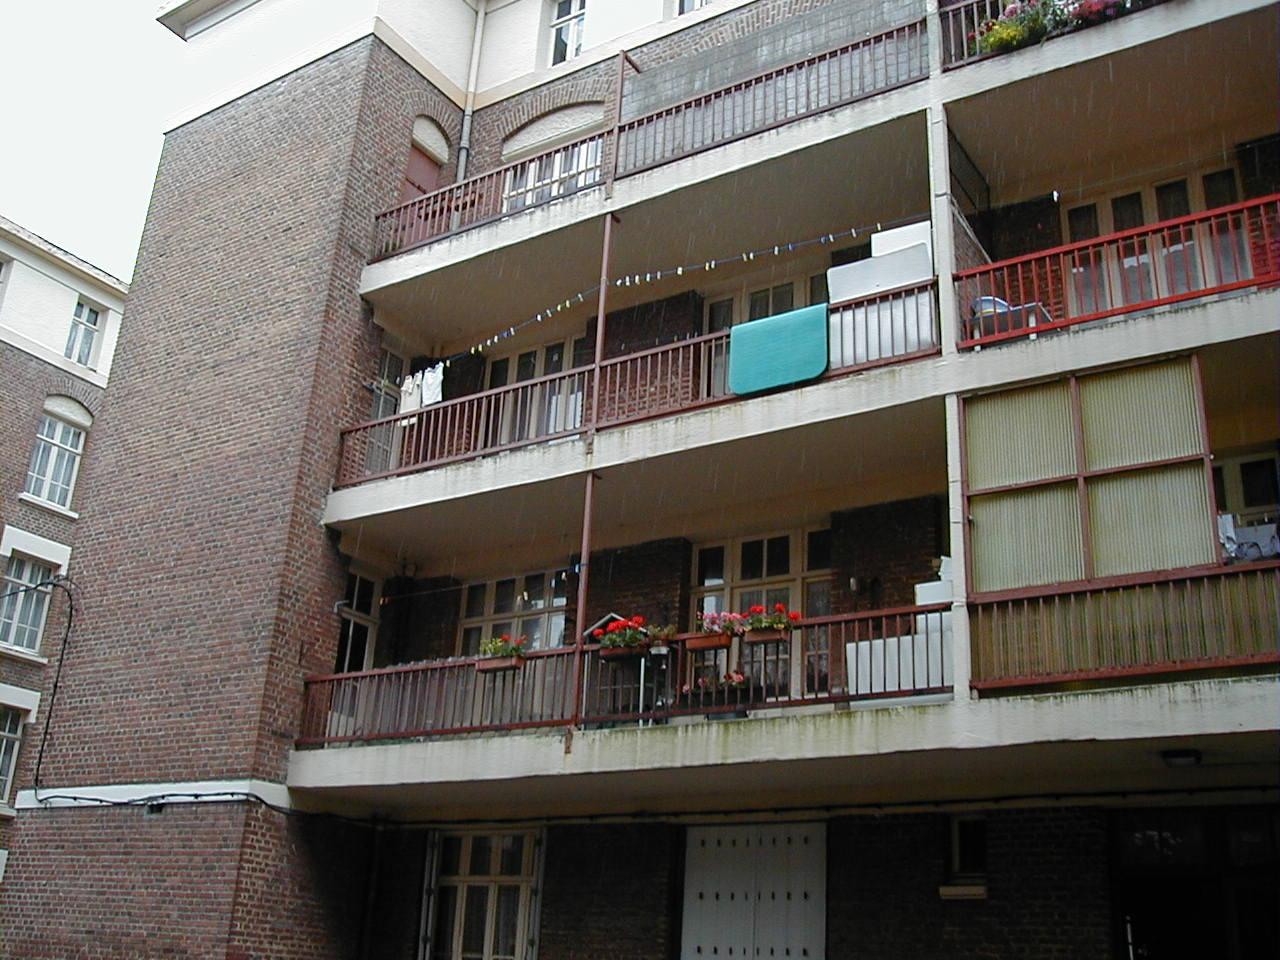 Réhabilitation de 95 logements - Avant travaux